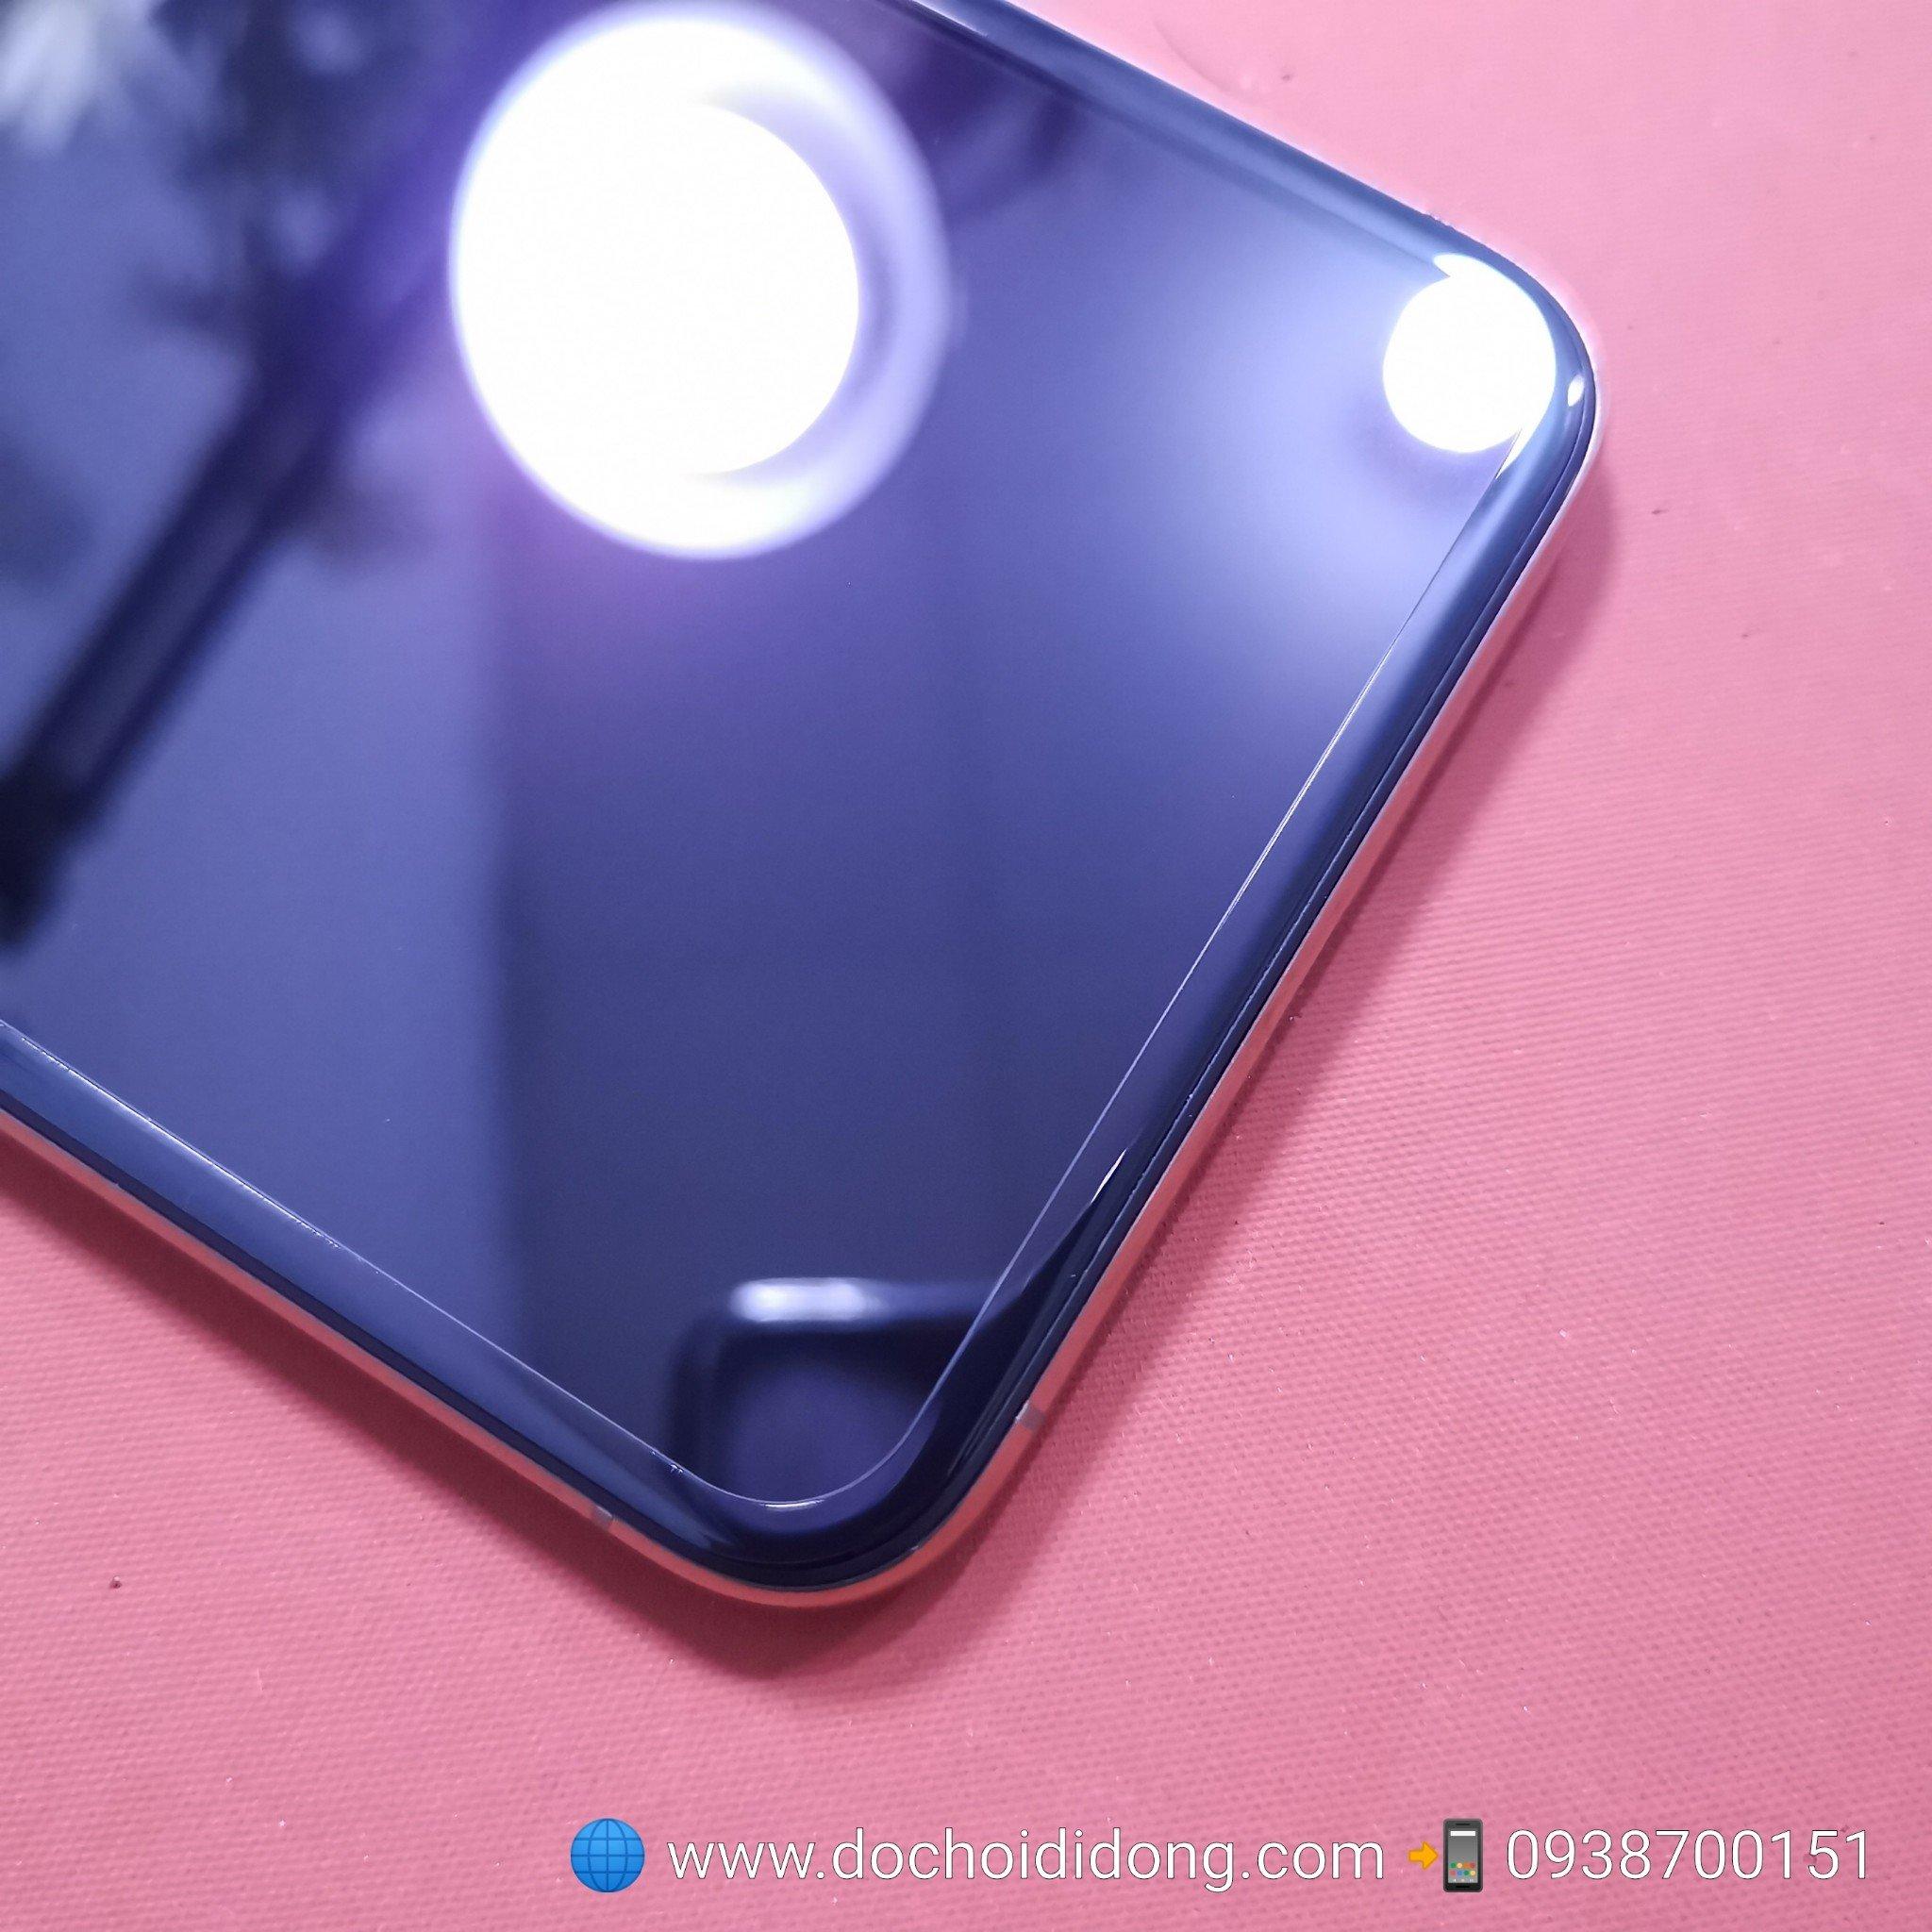 mieng-dan-cuong-luc-full-man-hinh-iphone-xs-max-baseus-vien-mem-0-23mm